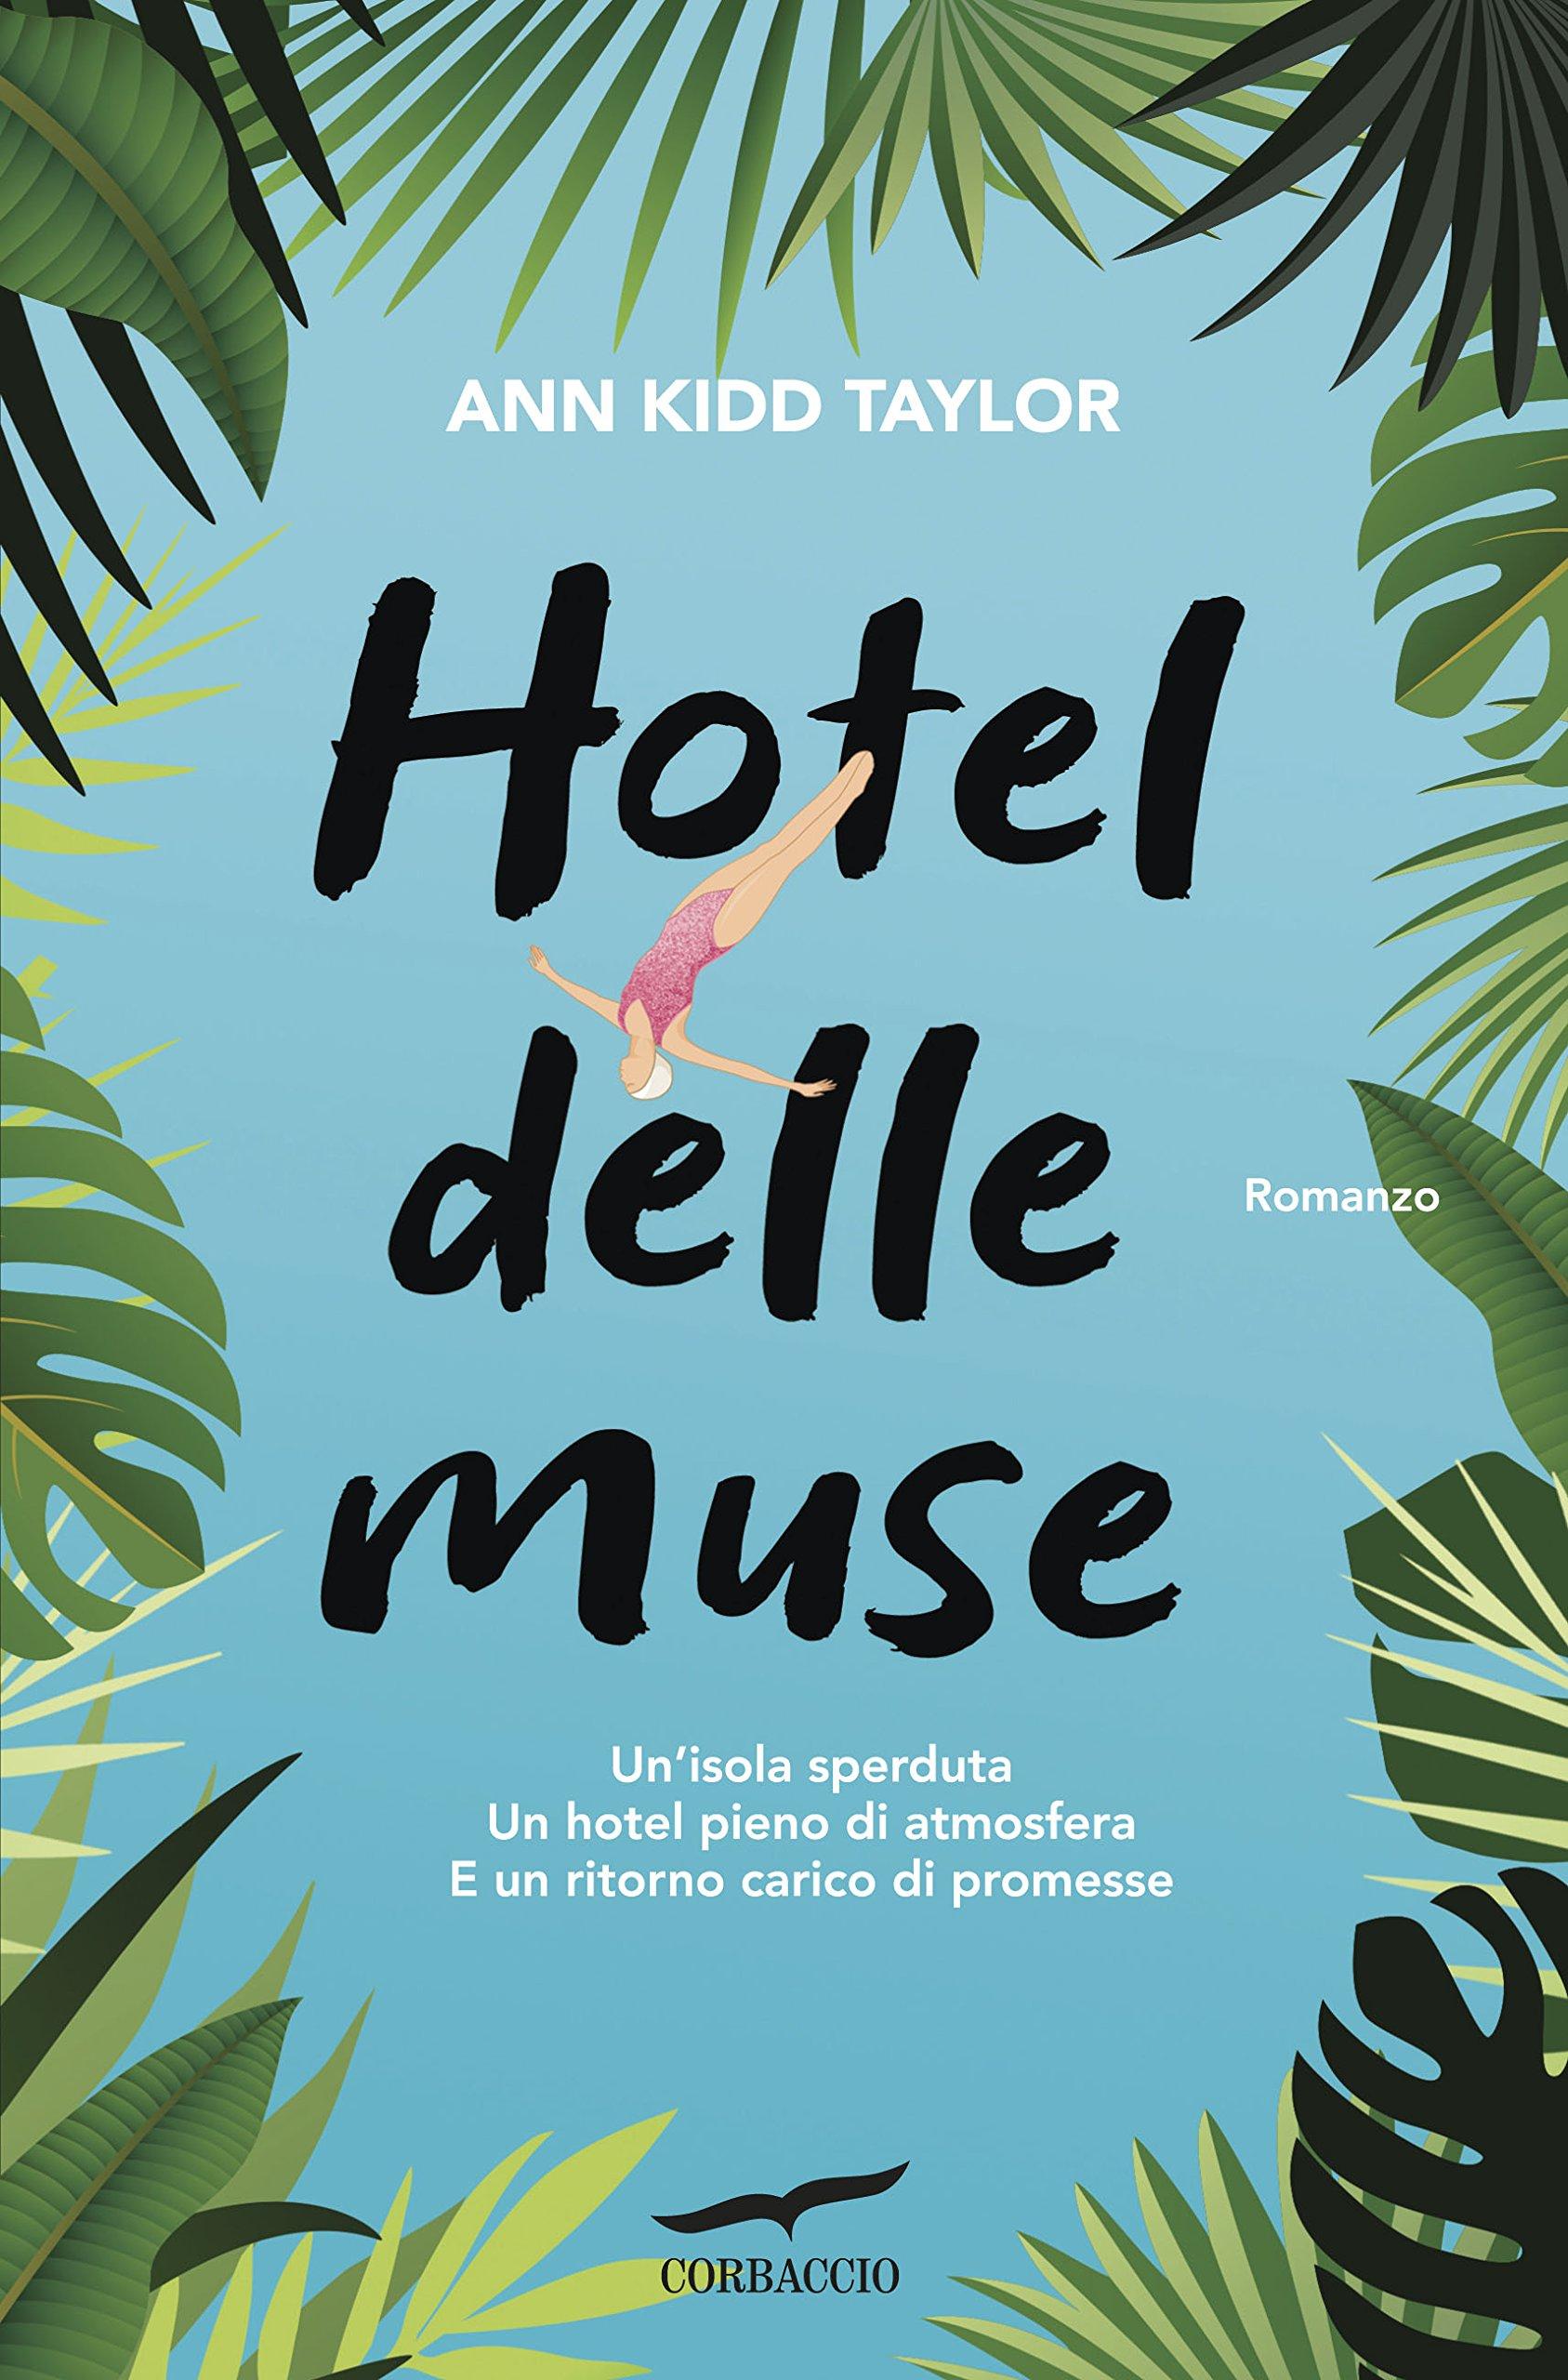 Amazon.it: Hotel delle Muse - Kidd Taylor, Ann, Talò, A. - Libri